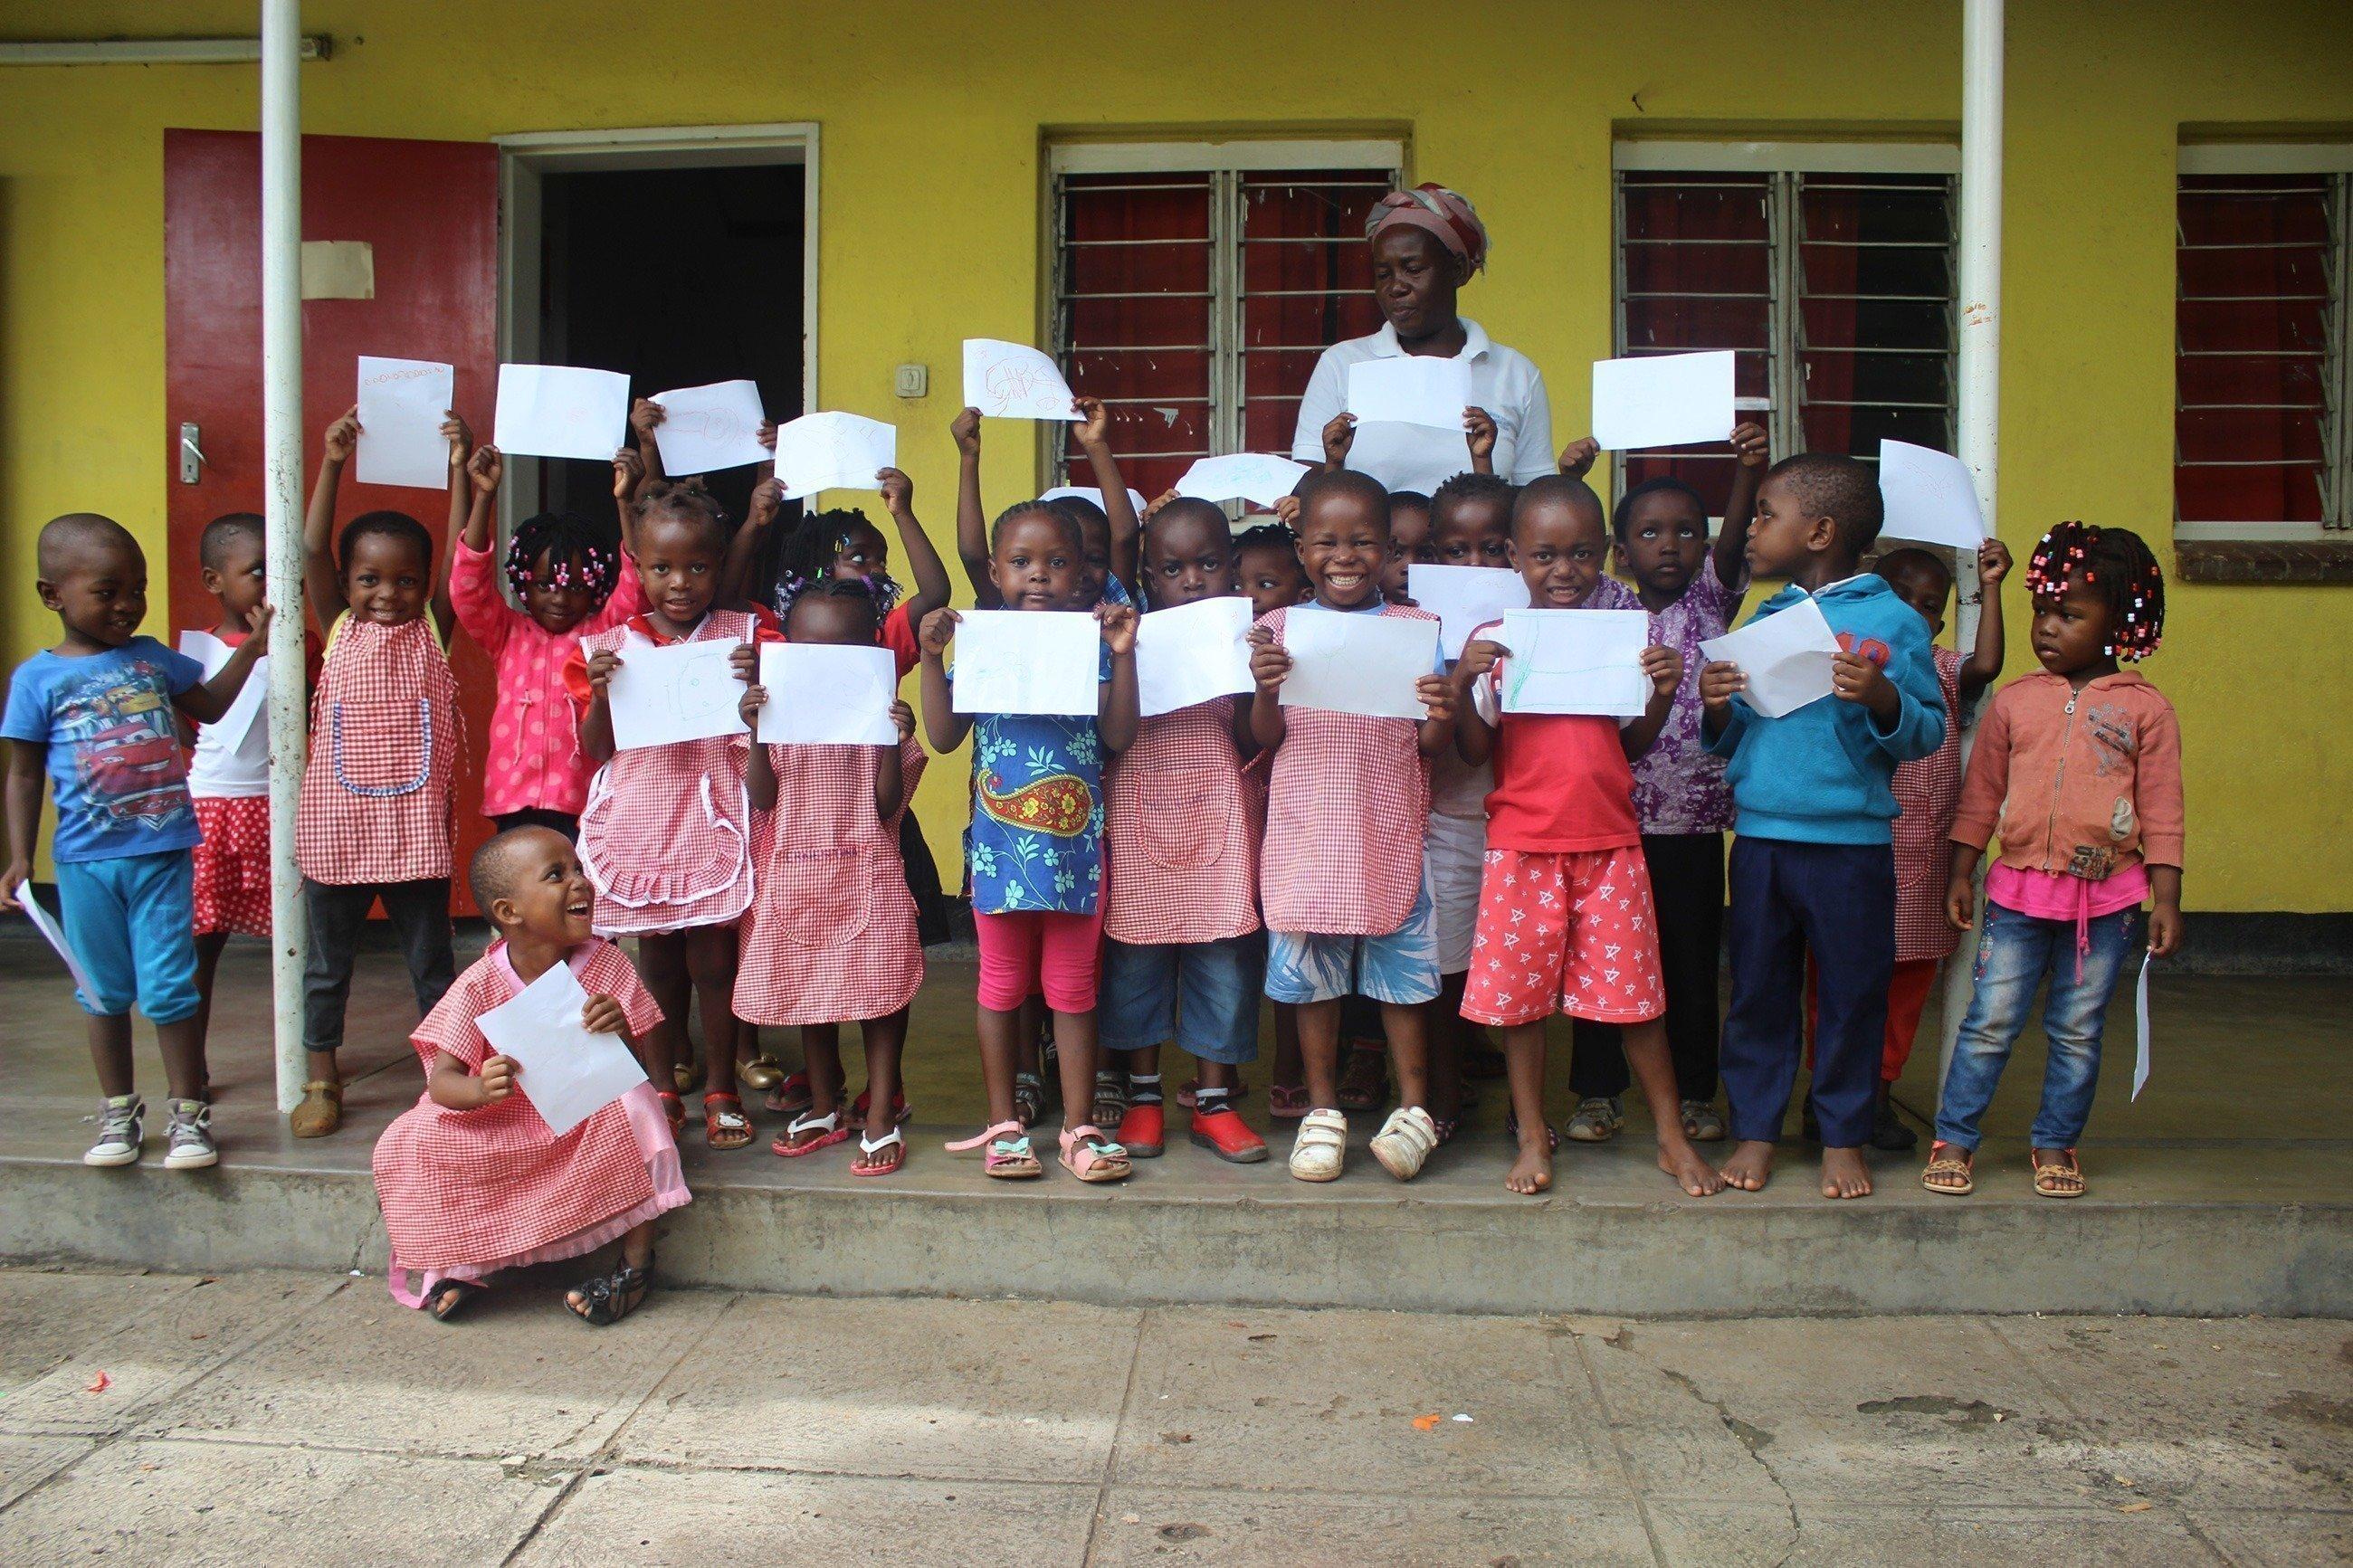 Un groupe d'enfants devant une maison et tenant des images dans leurs mains.